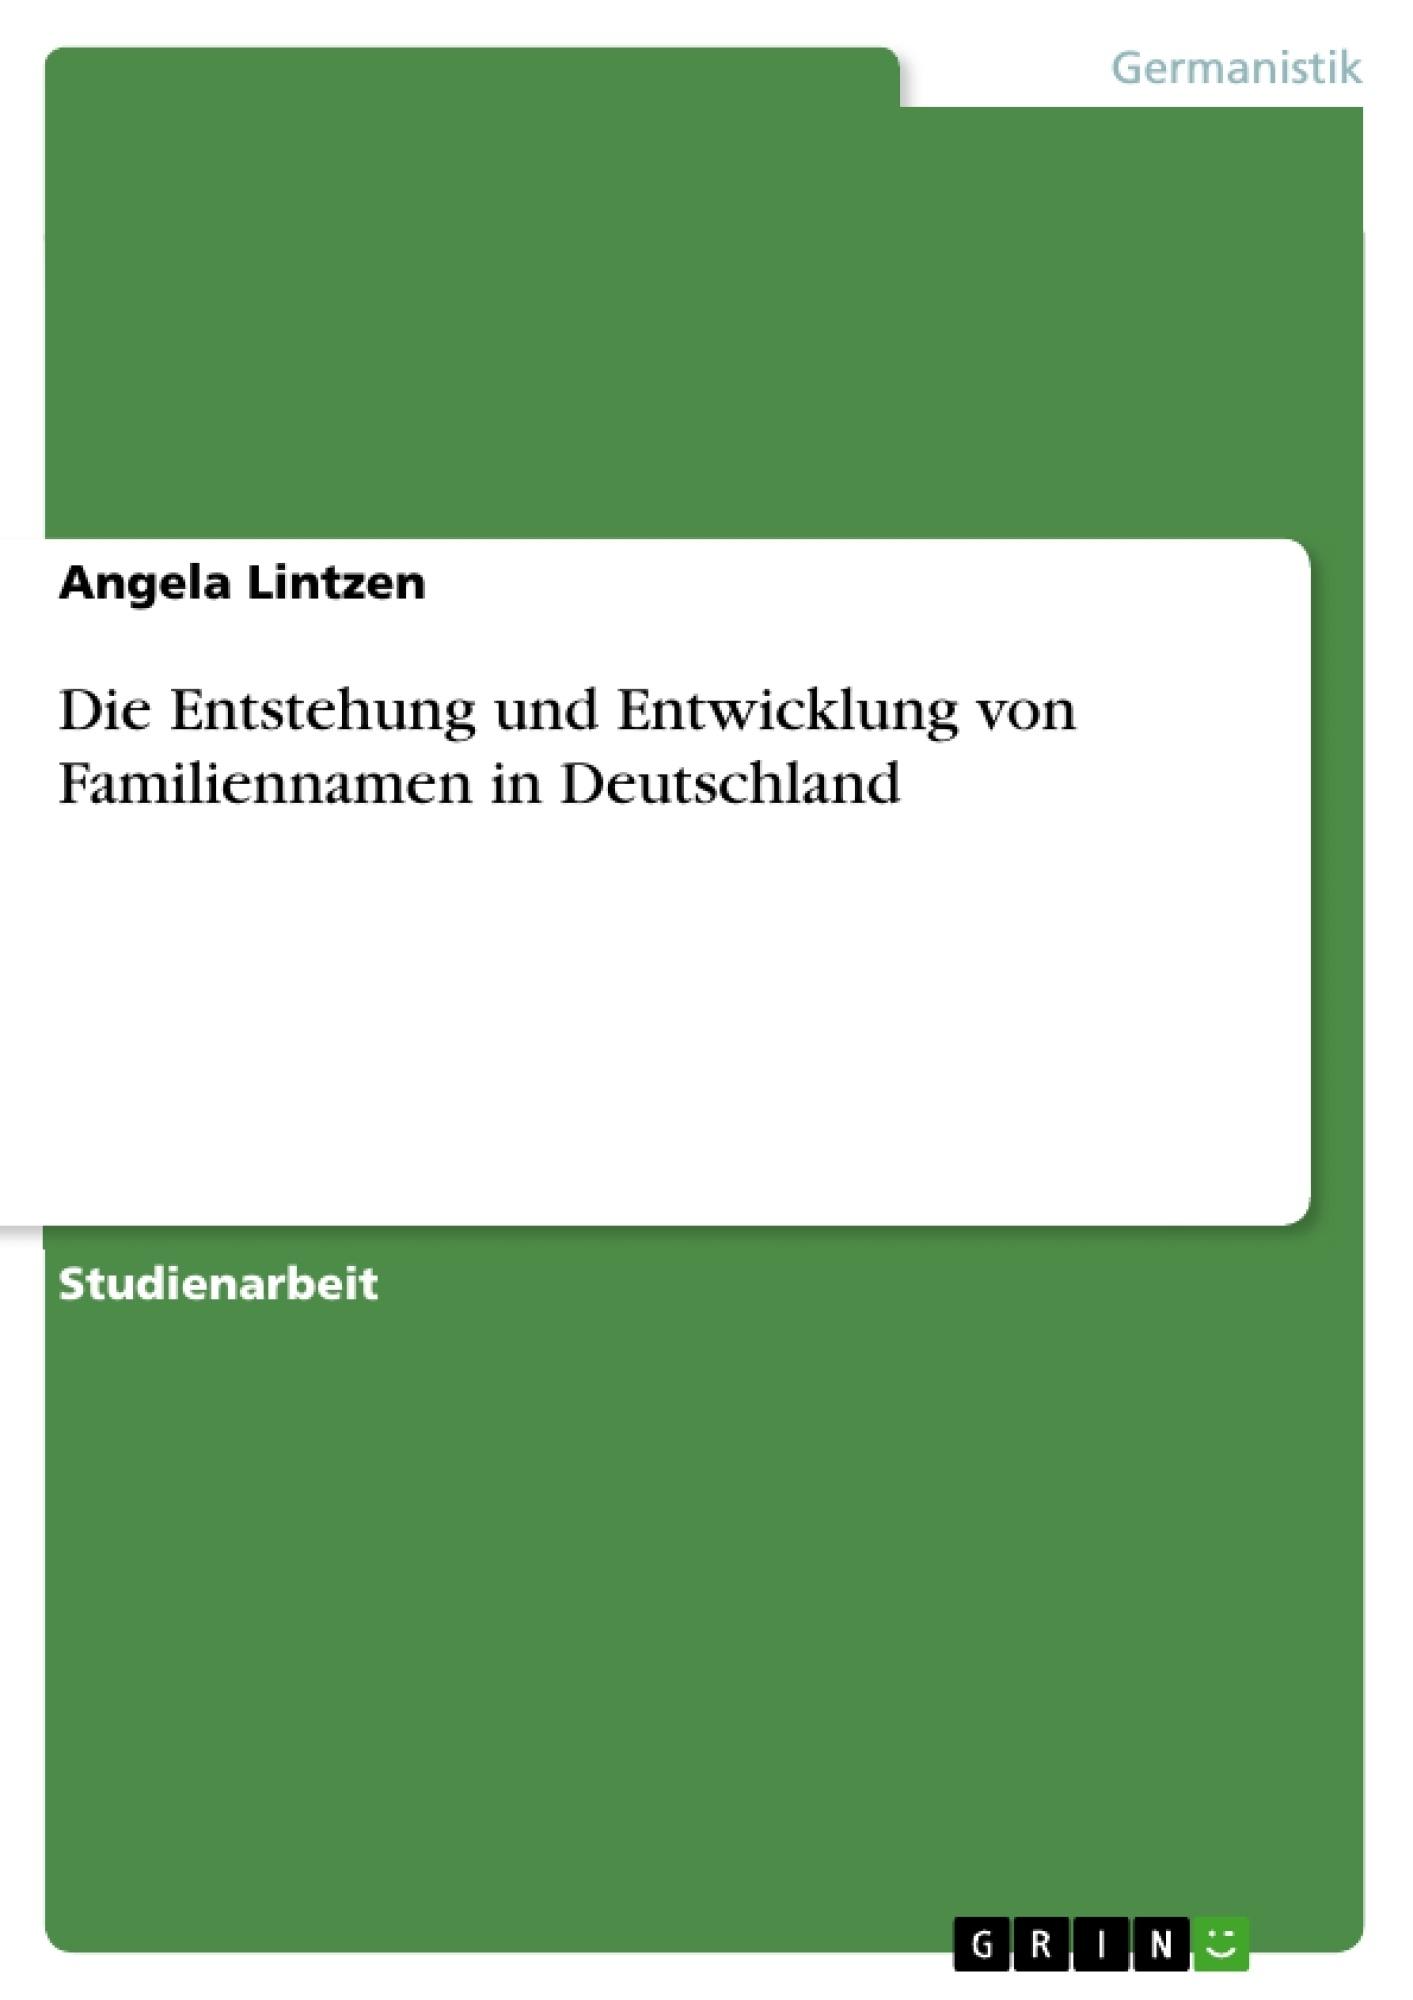 Titel: Die Entstehung und Entwicklung  von Familiennamen  in Deutschland